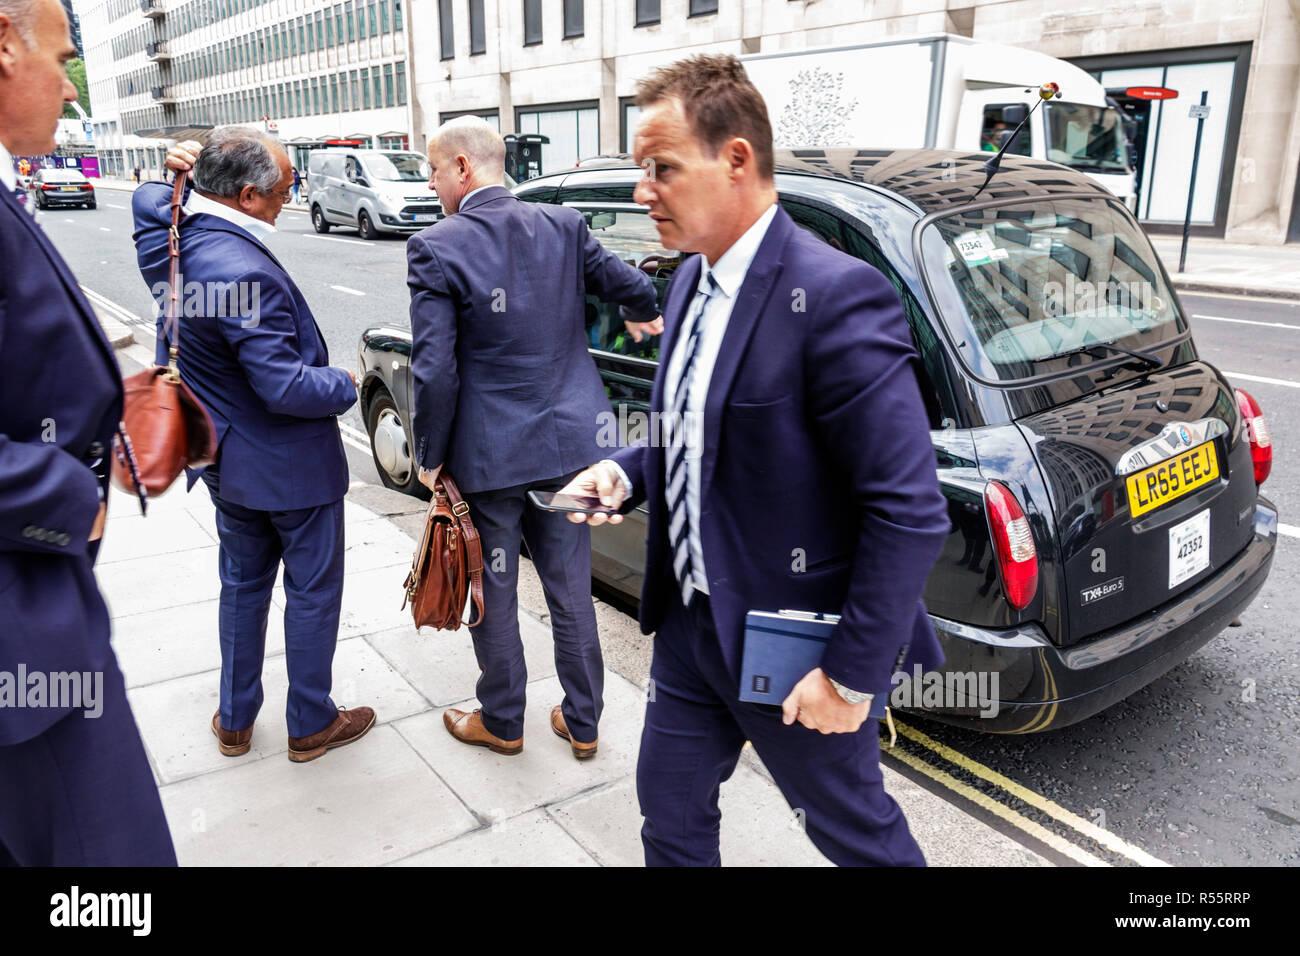 Royaume-uni Grande-Bretagne Angleterre Londres Westminster taxi taxi noir fiacre man businessman déposé Photo Stock